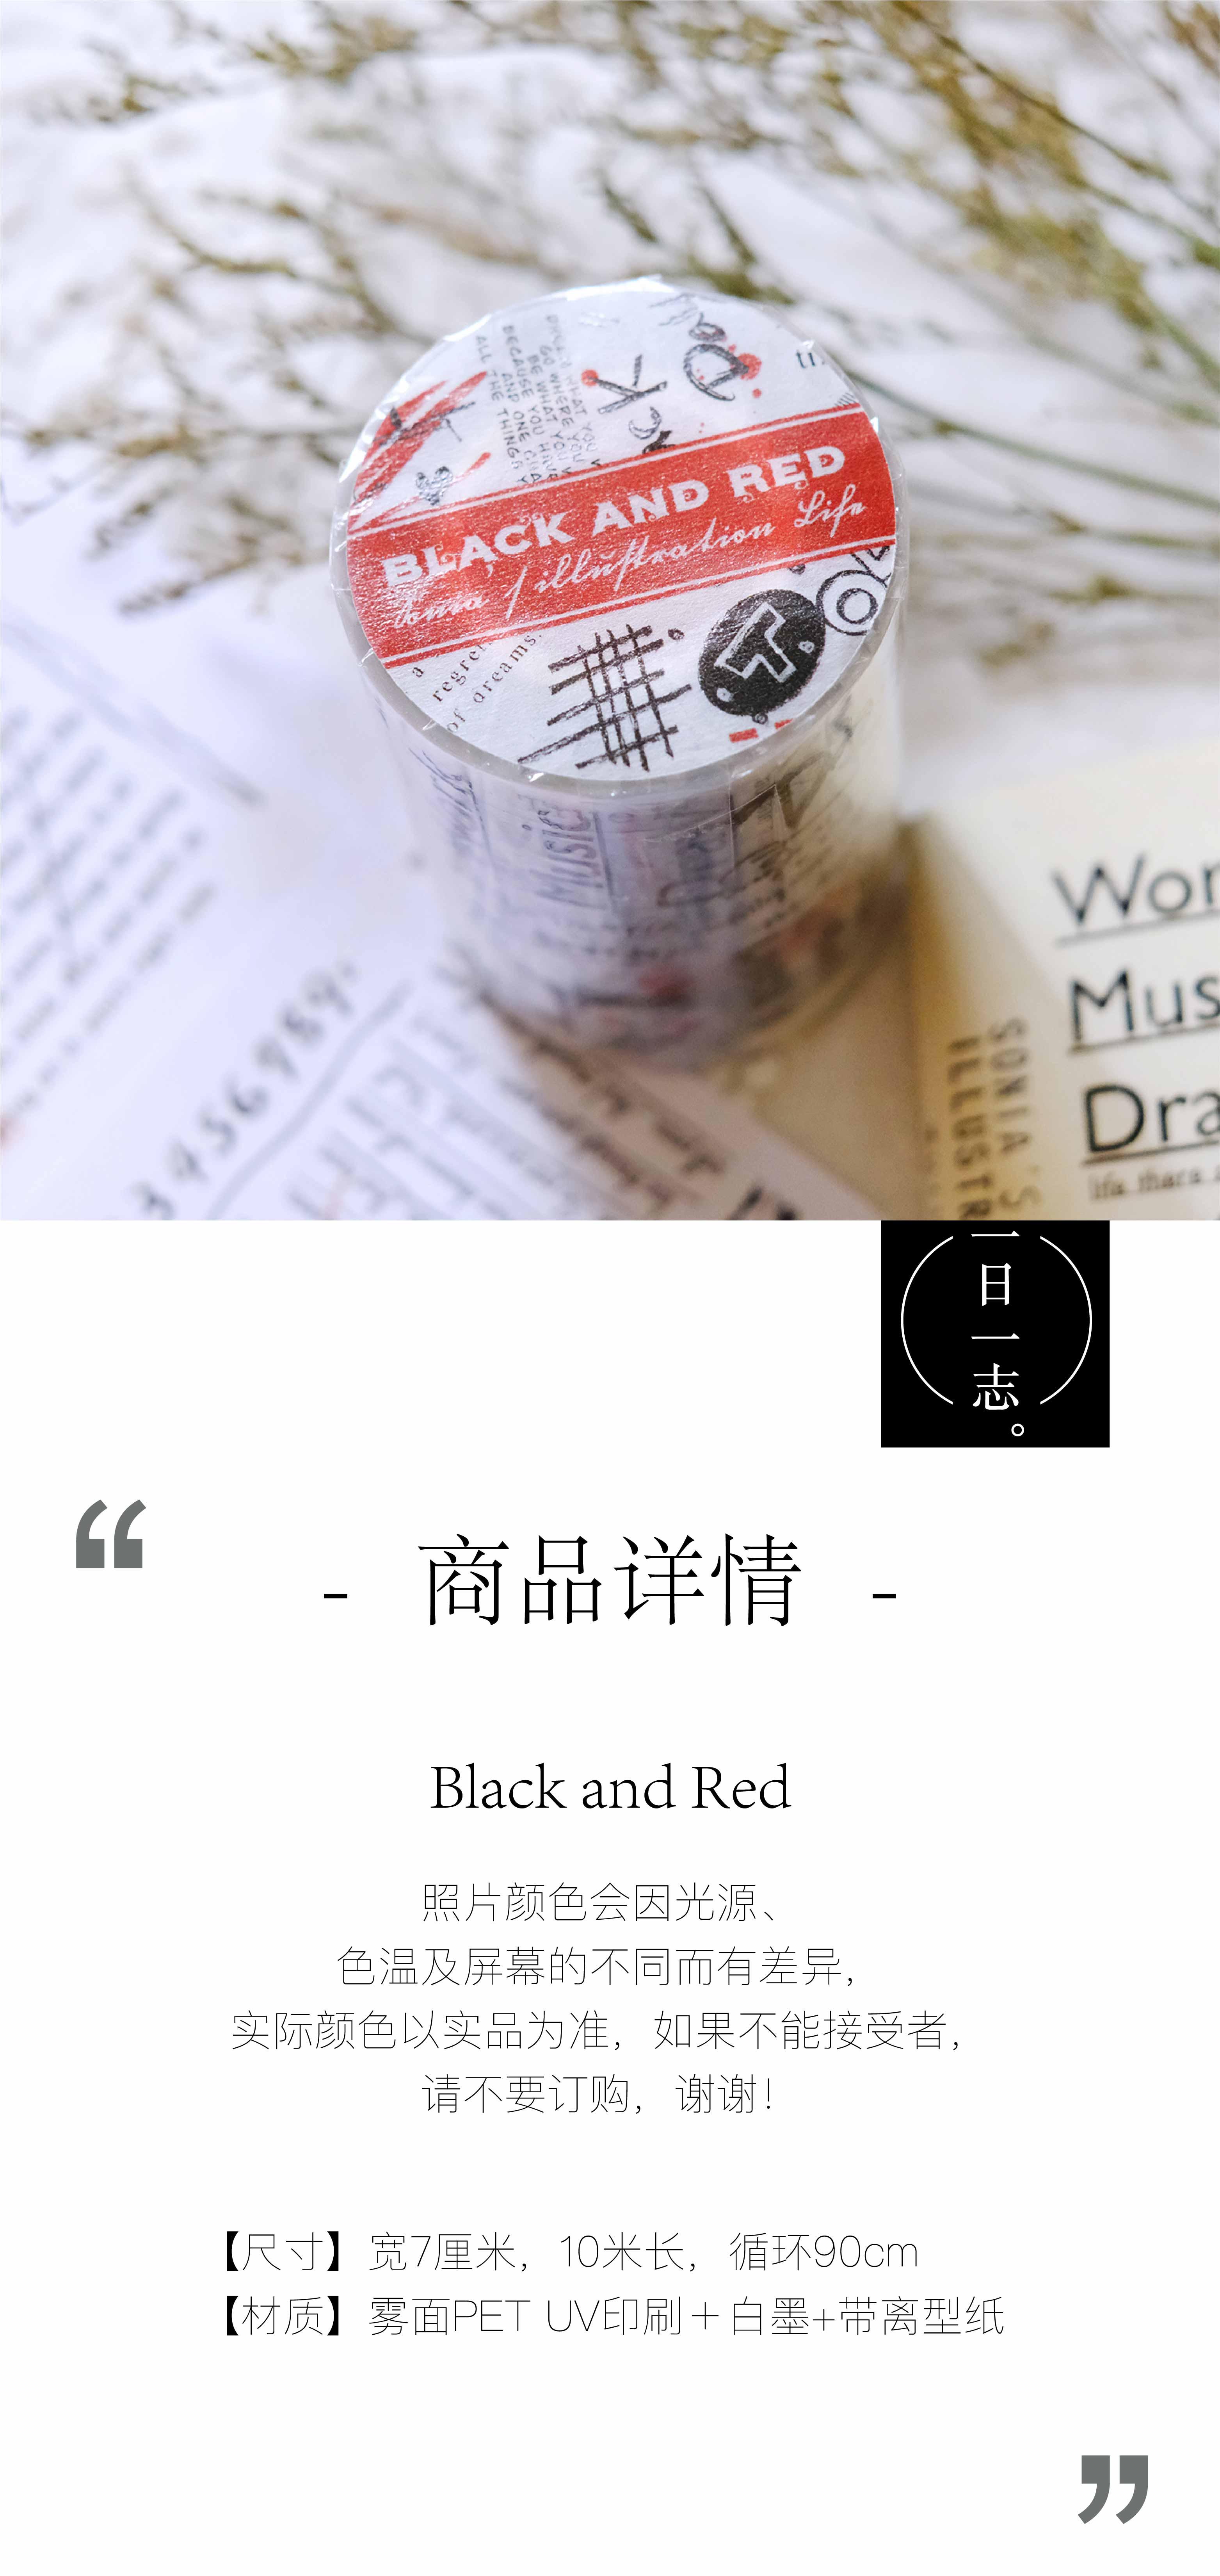 吉諾手賬花園 【一日一志】臺灣Sonia原創pet膠帶 Black and Red 整卷 分裝